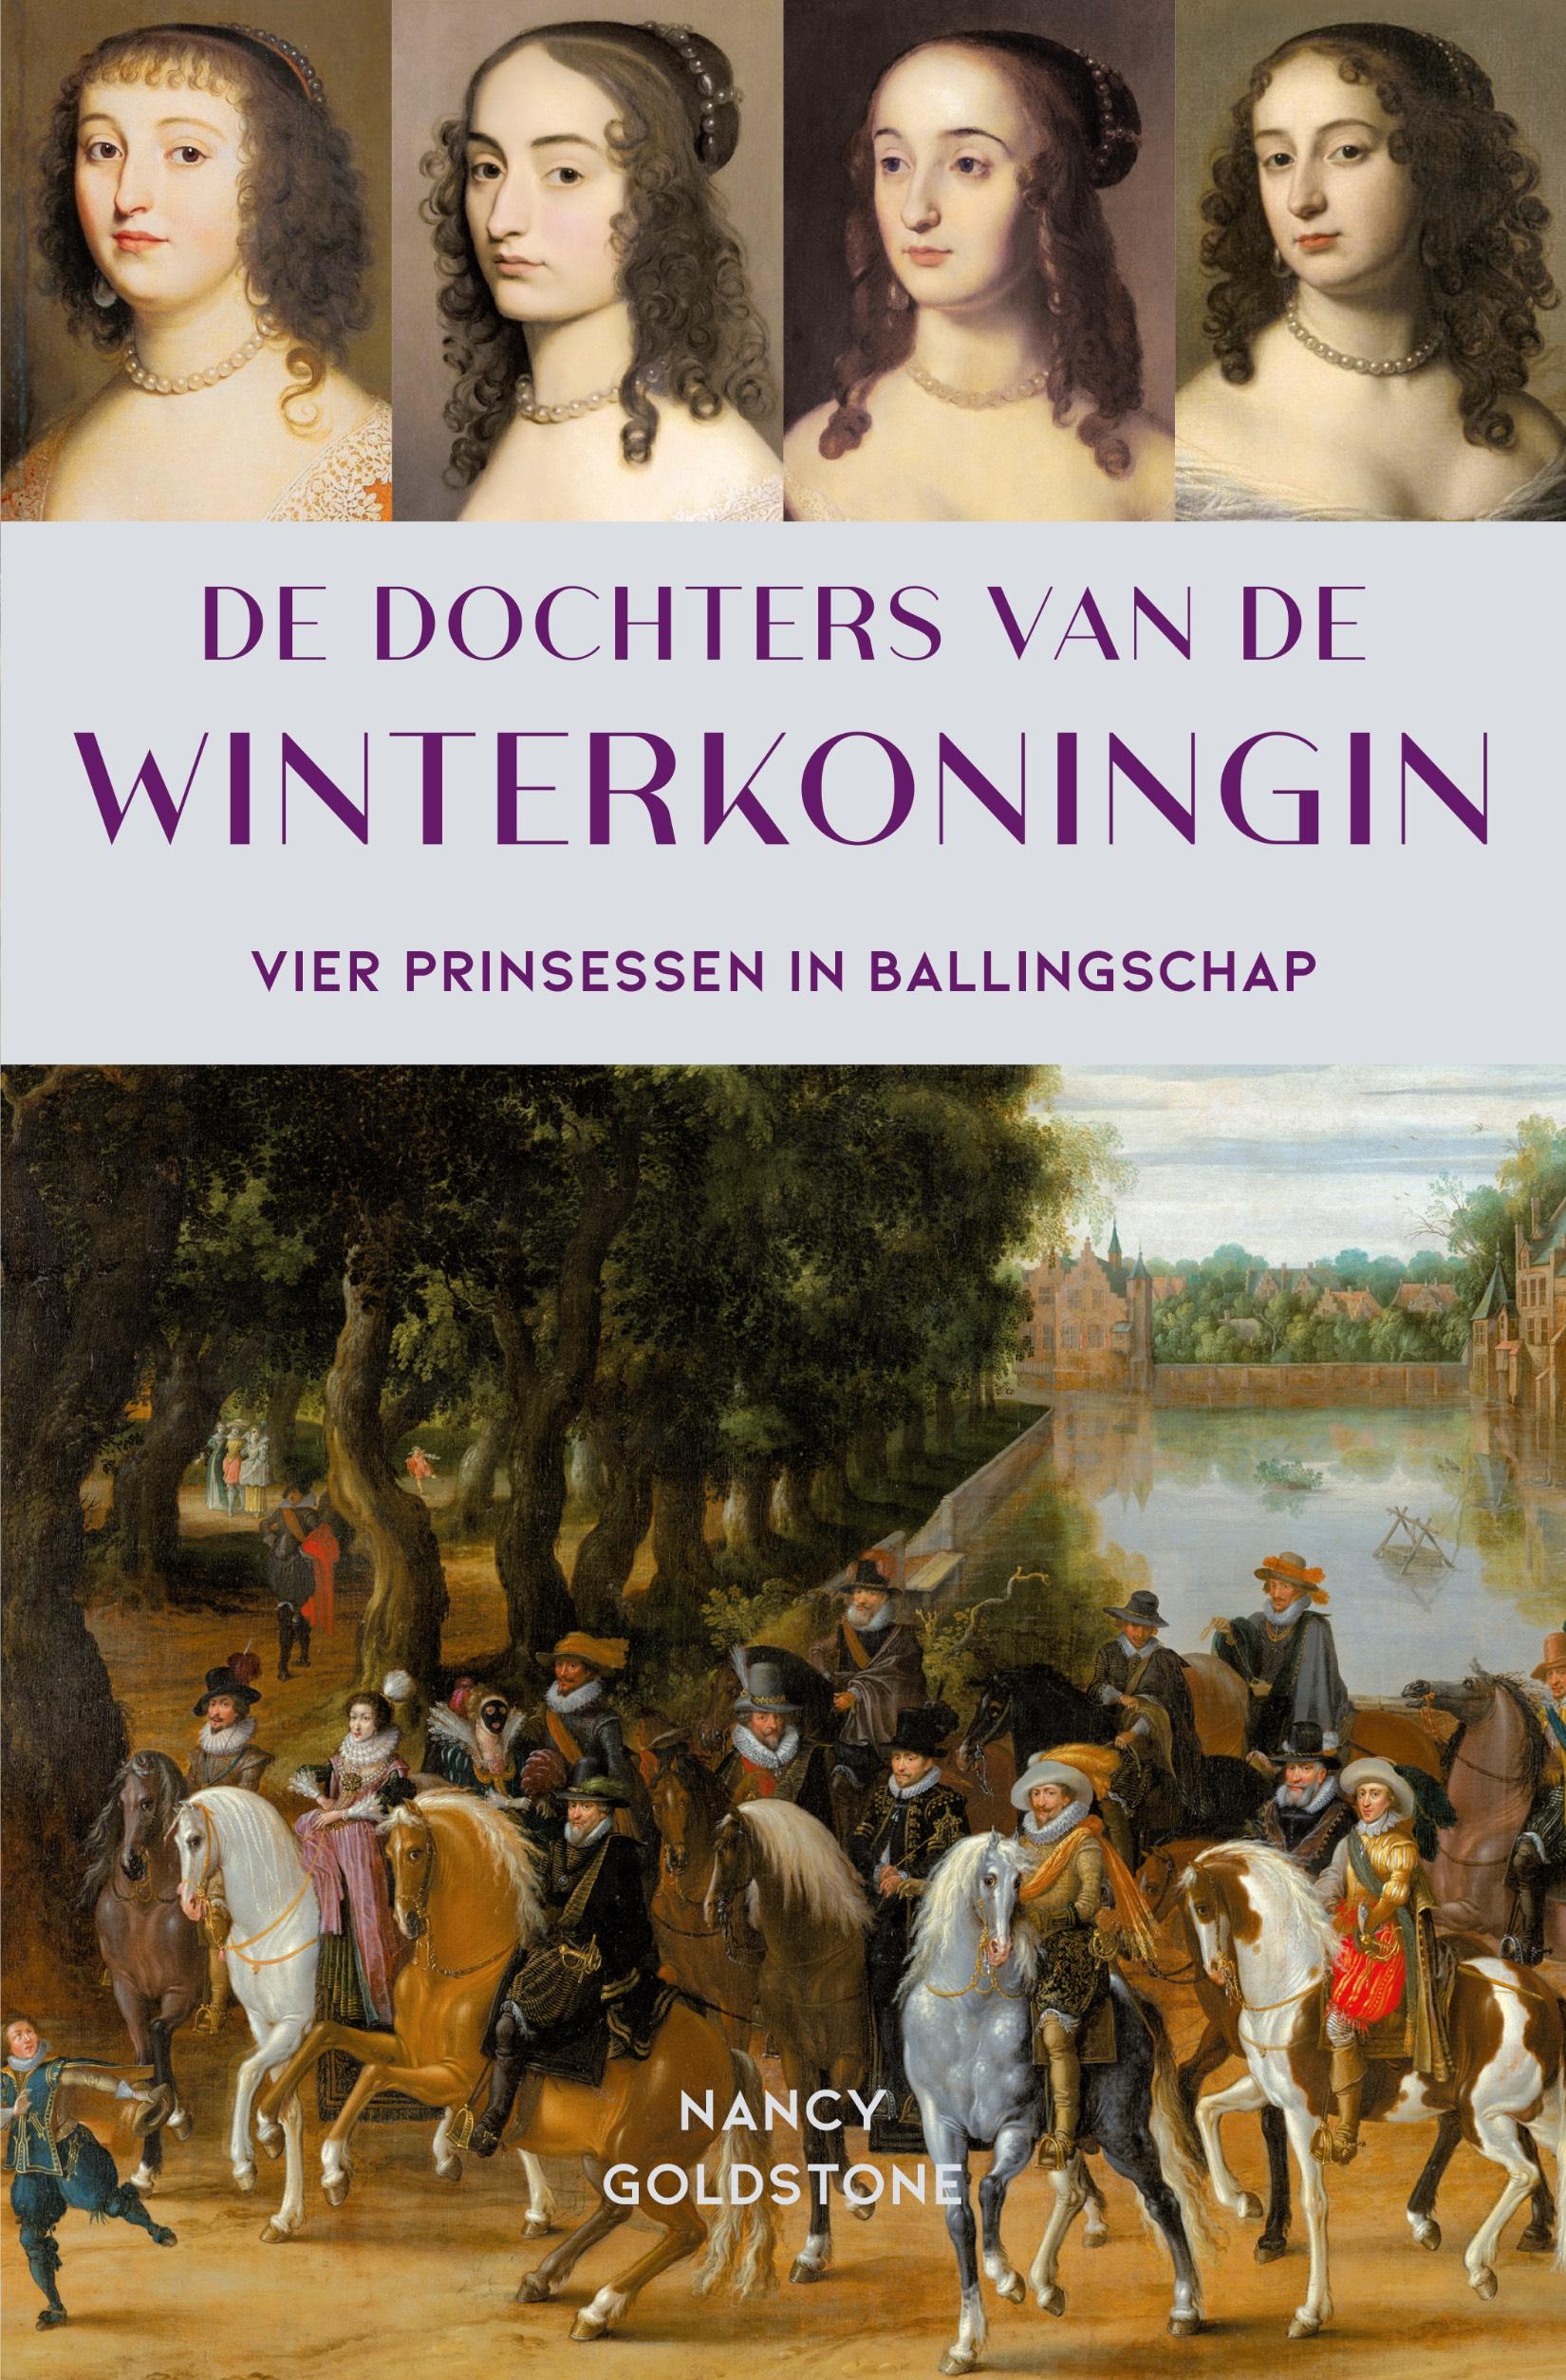 De dochters van de winterkoningin - boekenflits